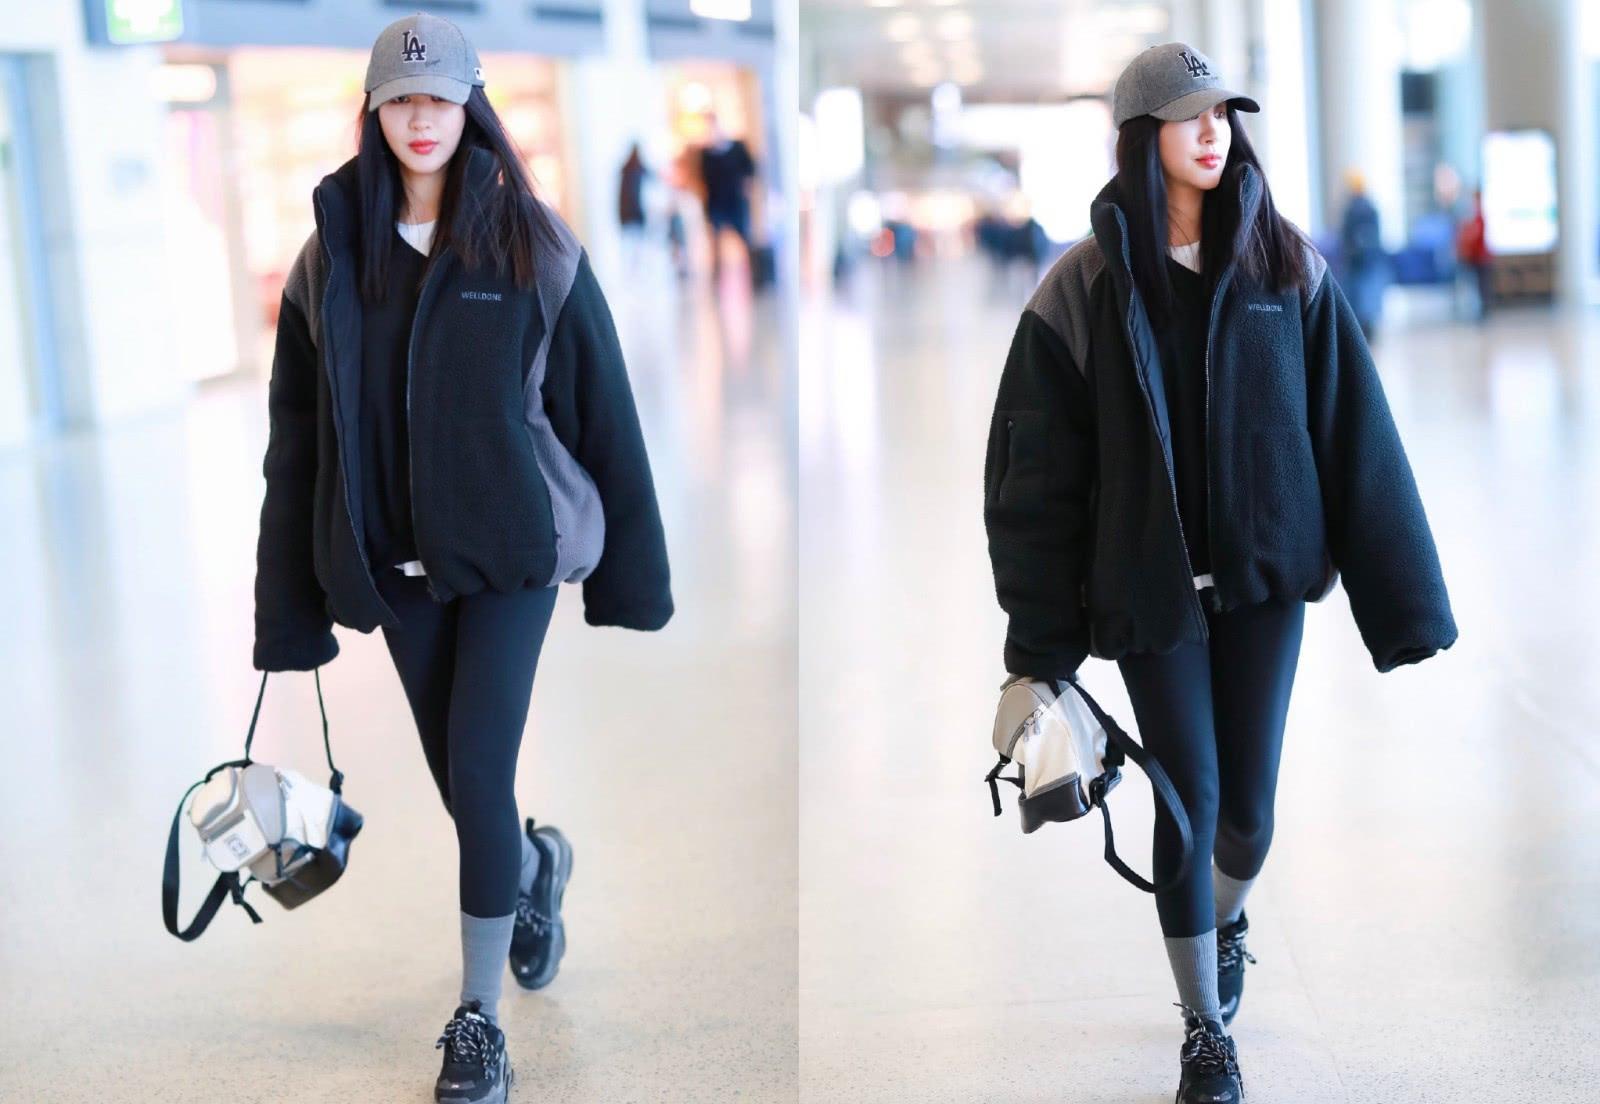 <b>李菲儿现身机场,穿拼接厚重夹克配紧身裤,秀圆润双腿抢镜十足</b>